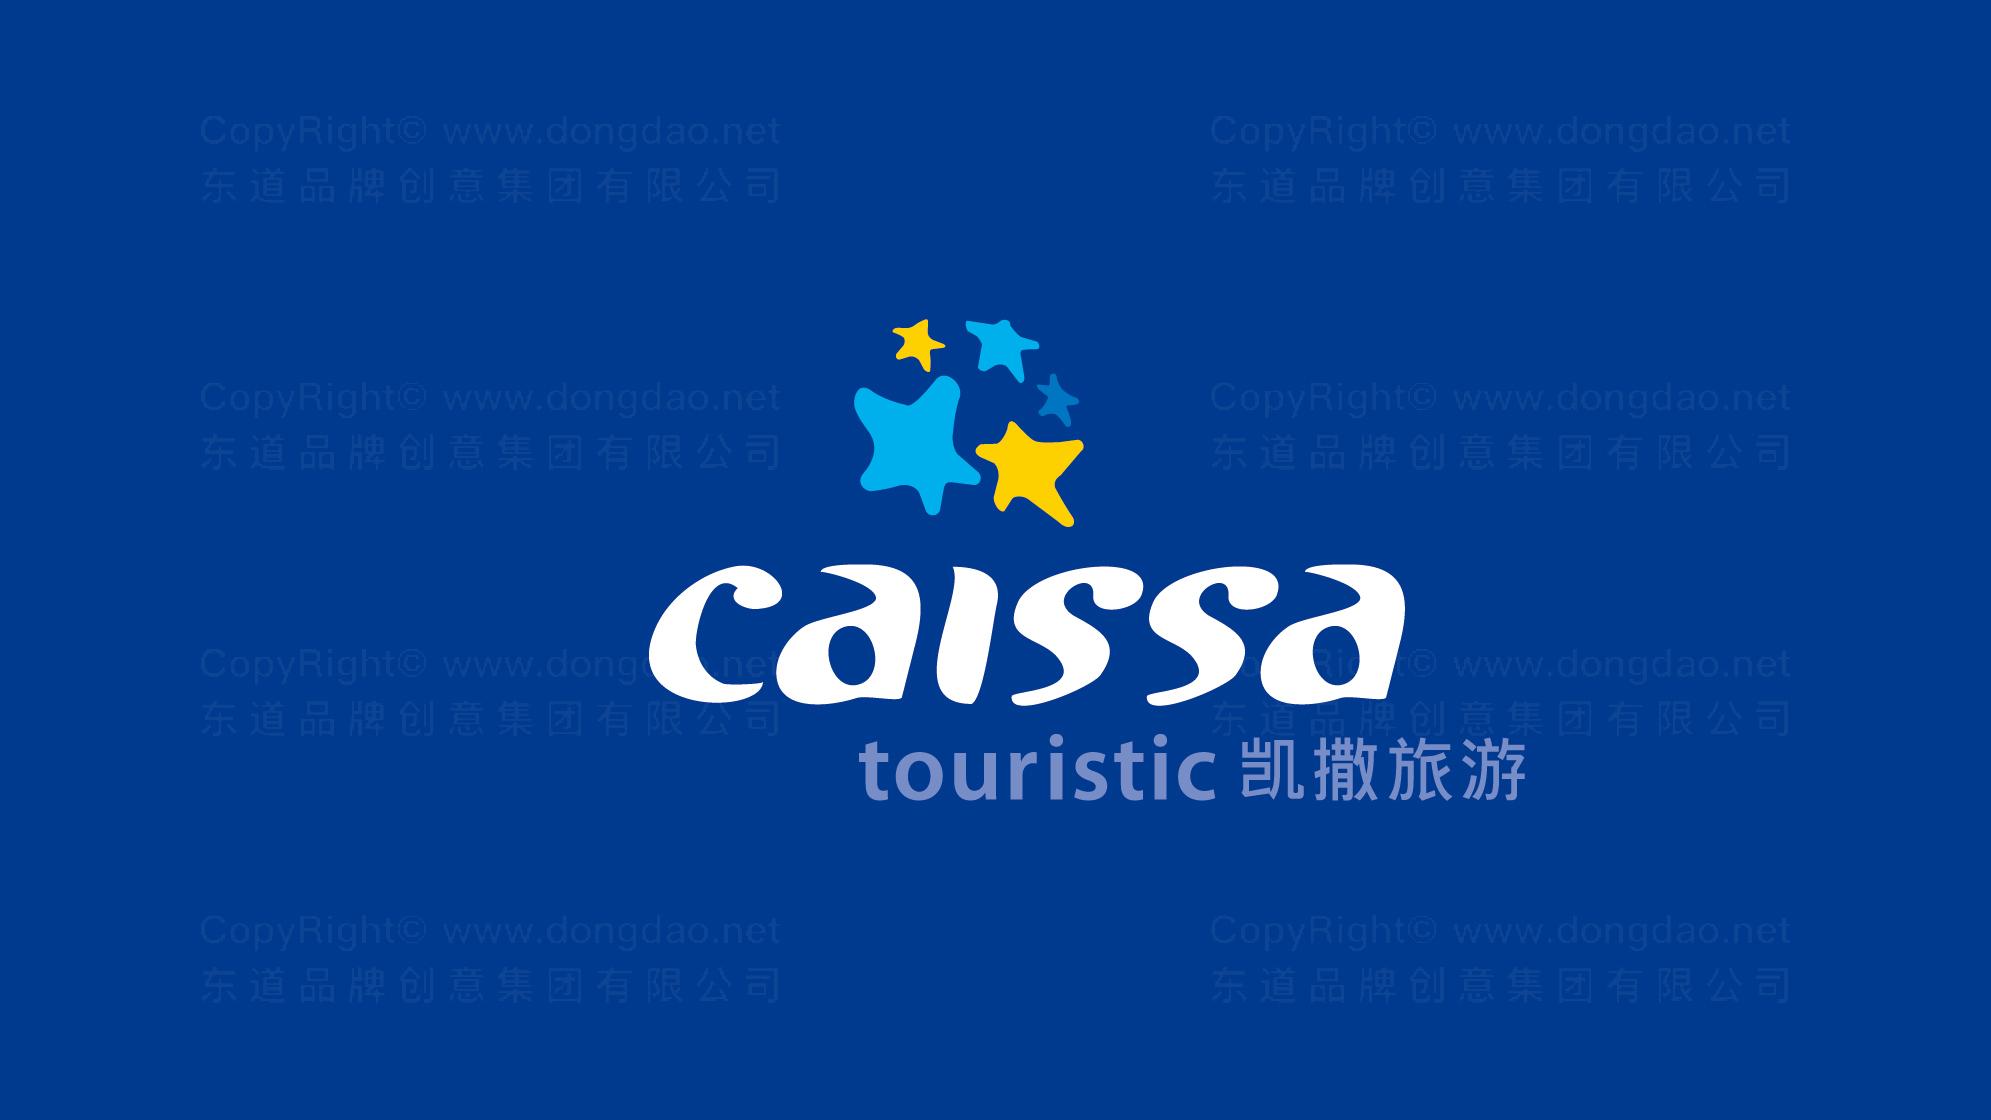 品牌设计凯撒旅游LOGO&VI设计应用